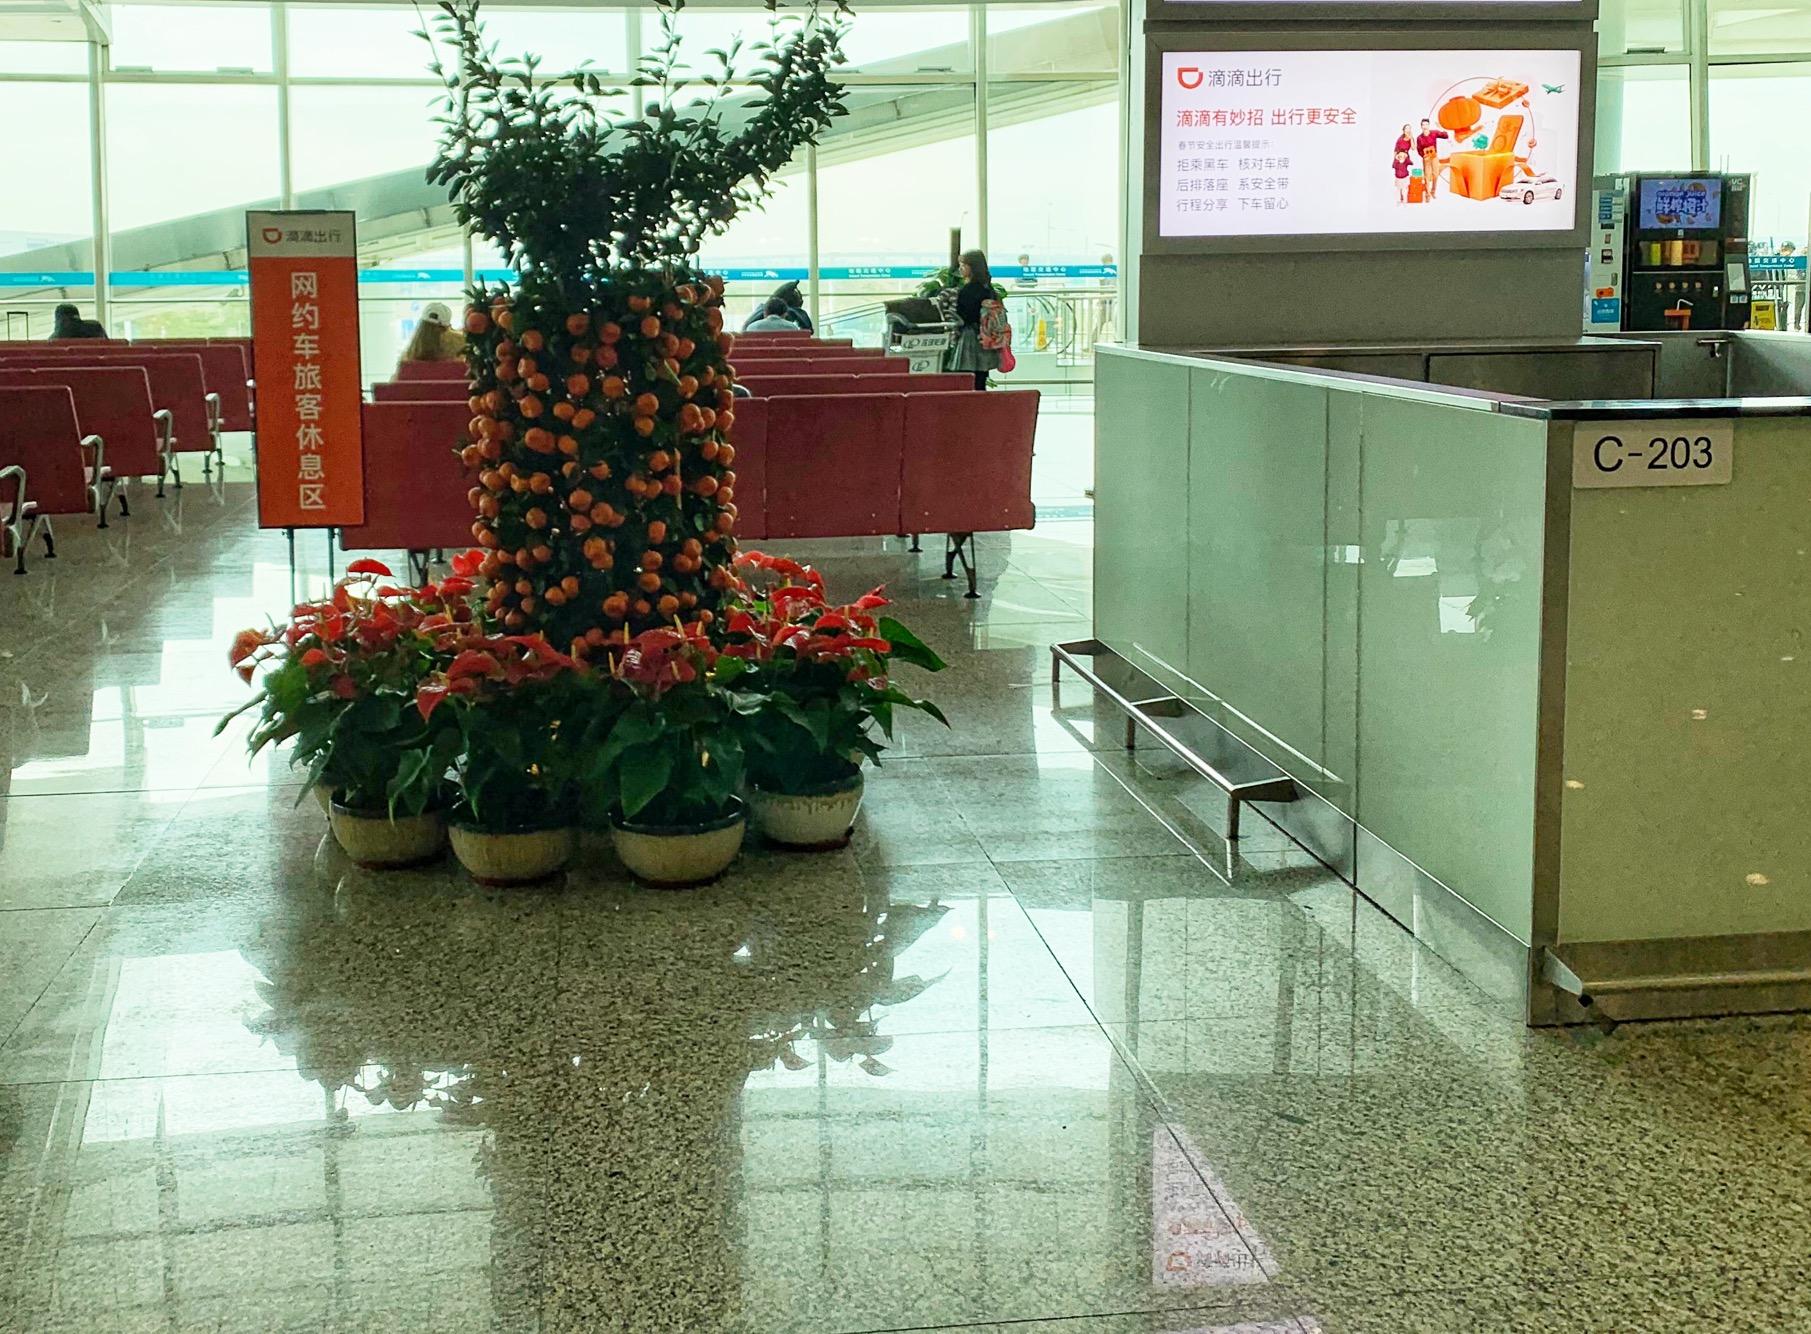 *滴滴出行深圳于机场设立了滴滴网约车旅客候车休息区